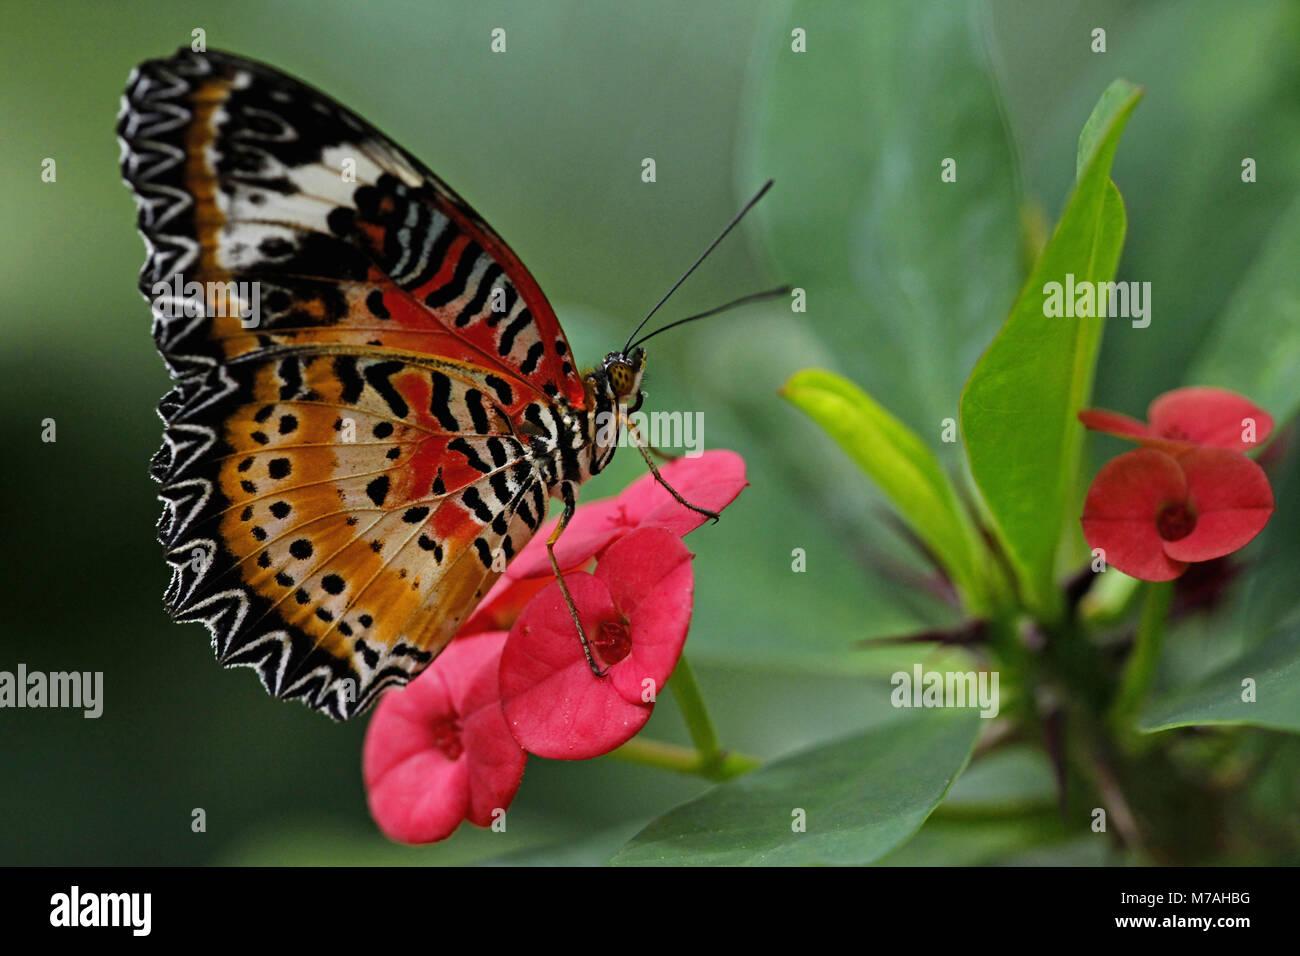 La Butterfly Garden, farfalle tropicali, Cethosia hypsea, fiori di il Cristo spike, Euphorbia milii, Immagini Stock